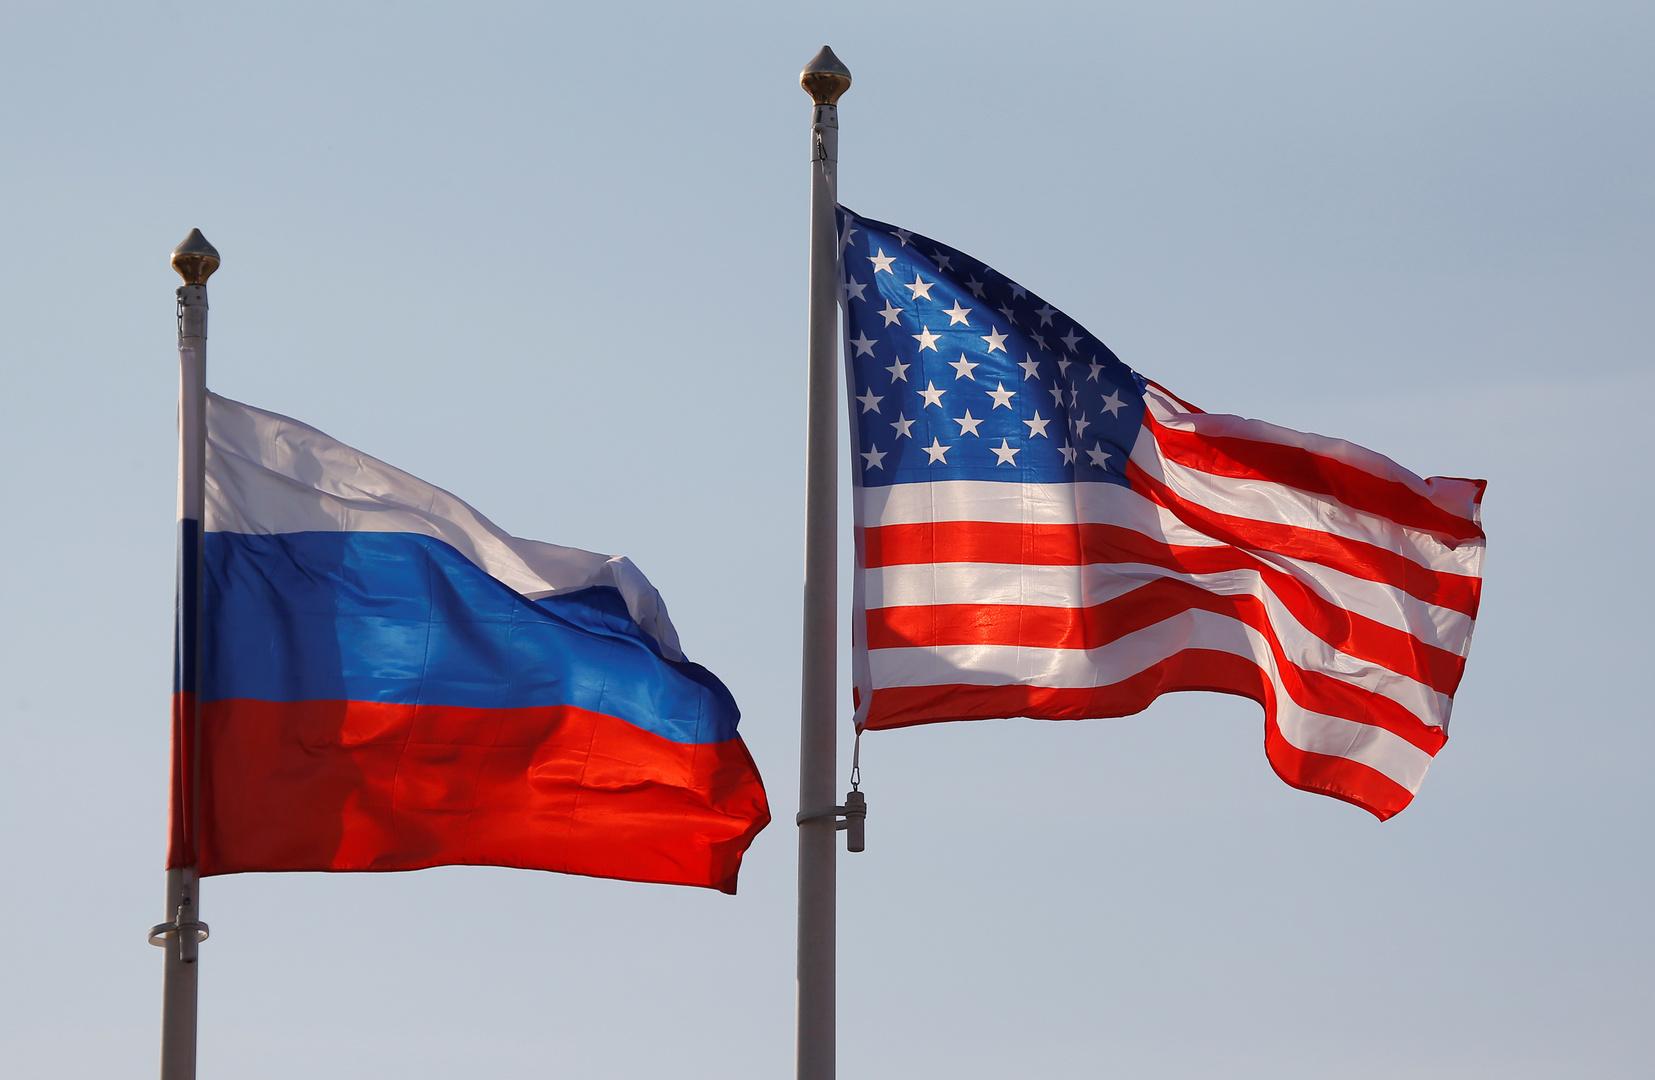 خبير يوضح جوهر الخلاف الروسي الأمريكي حول وضع خليج بطرس الأكبر